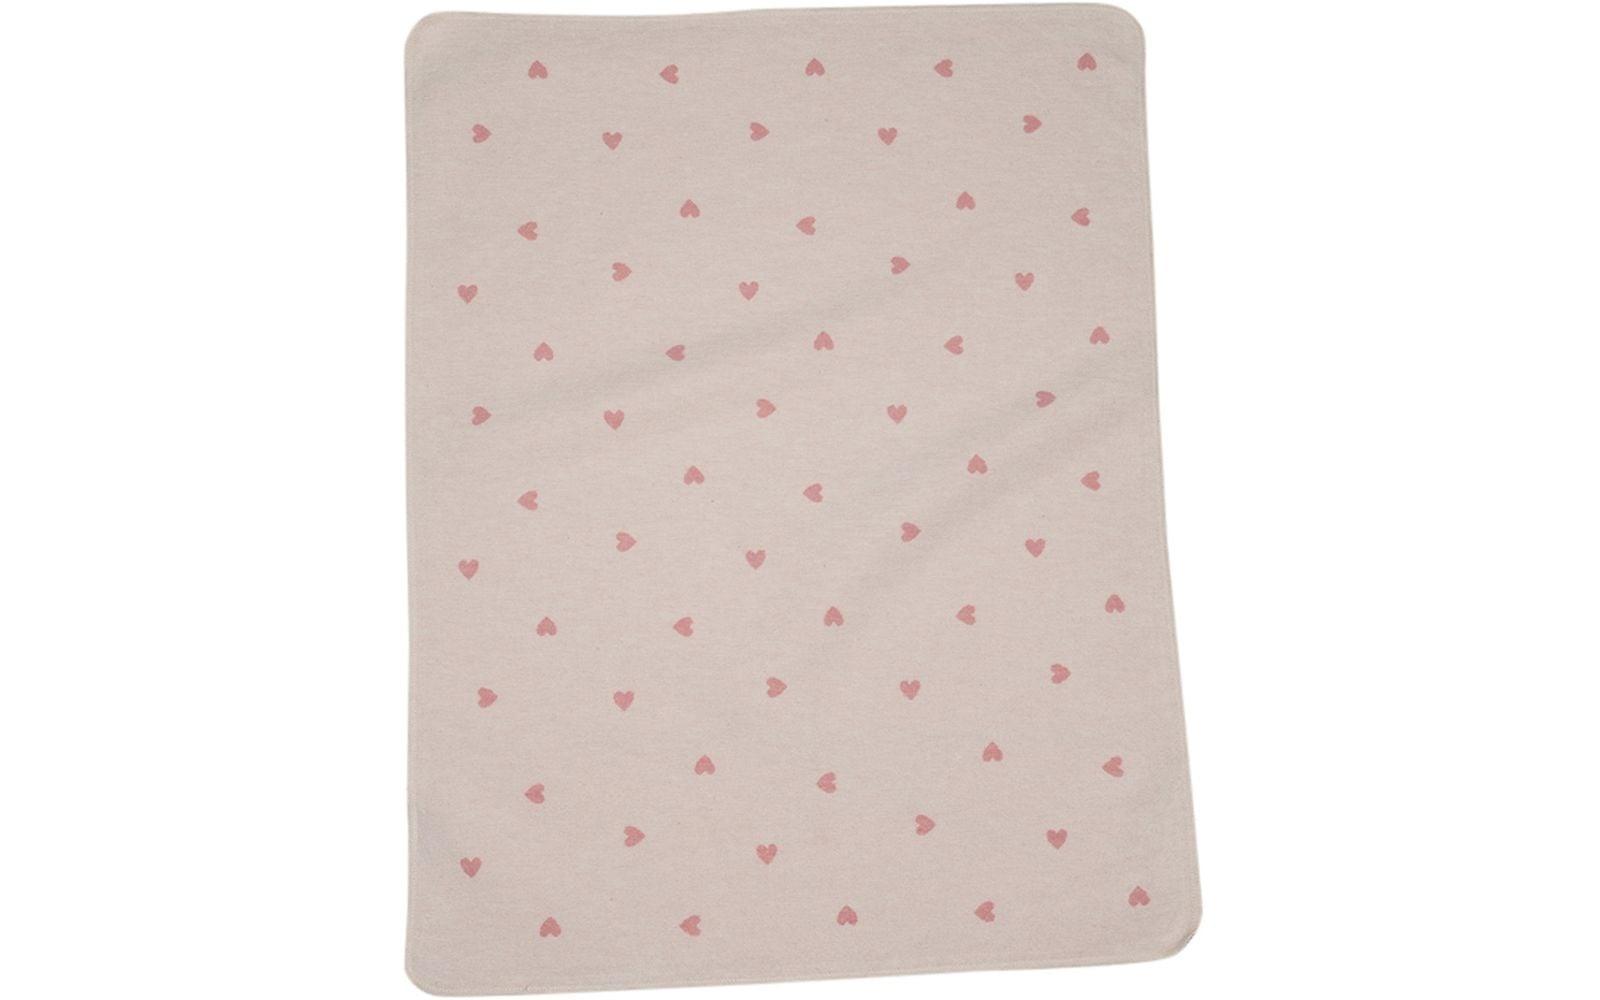 Baby Blanket - Heart - Pink-1